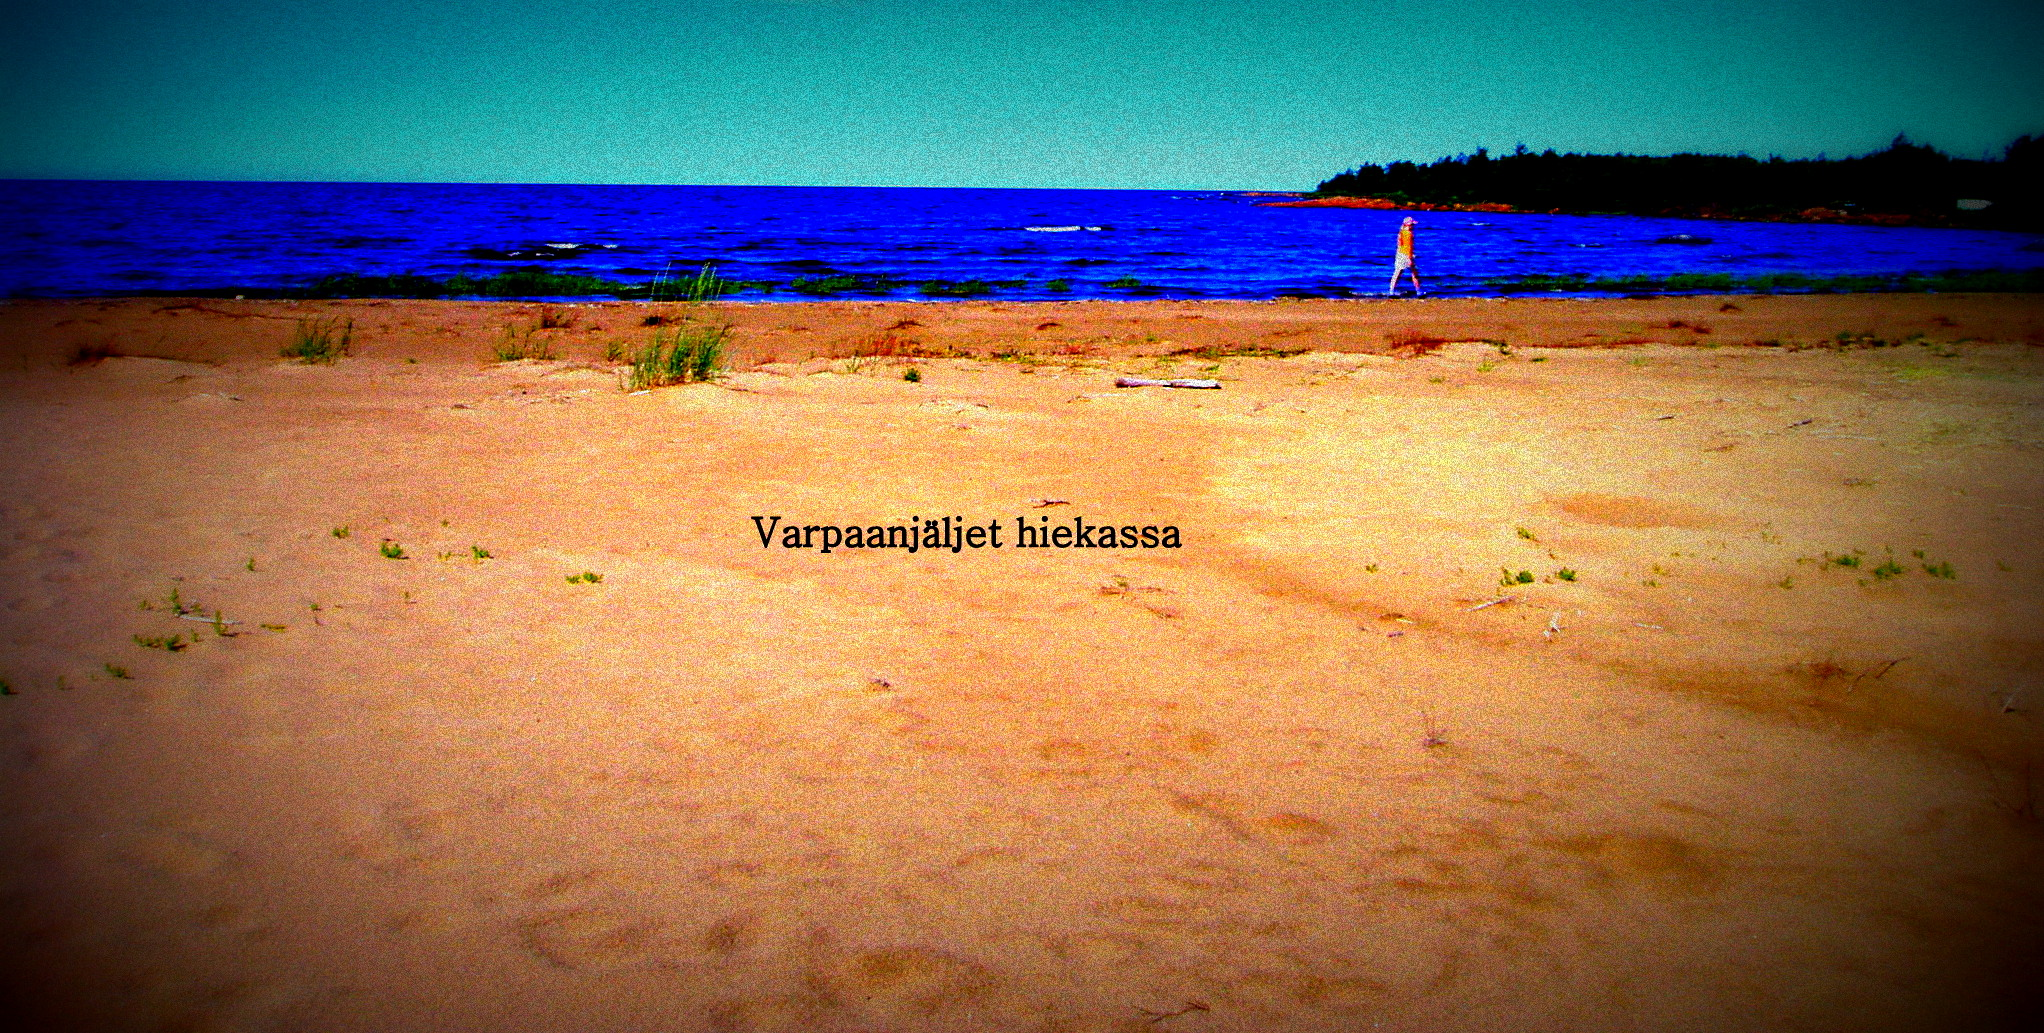 Varpaanjäljet hiekassa